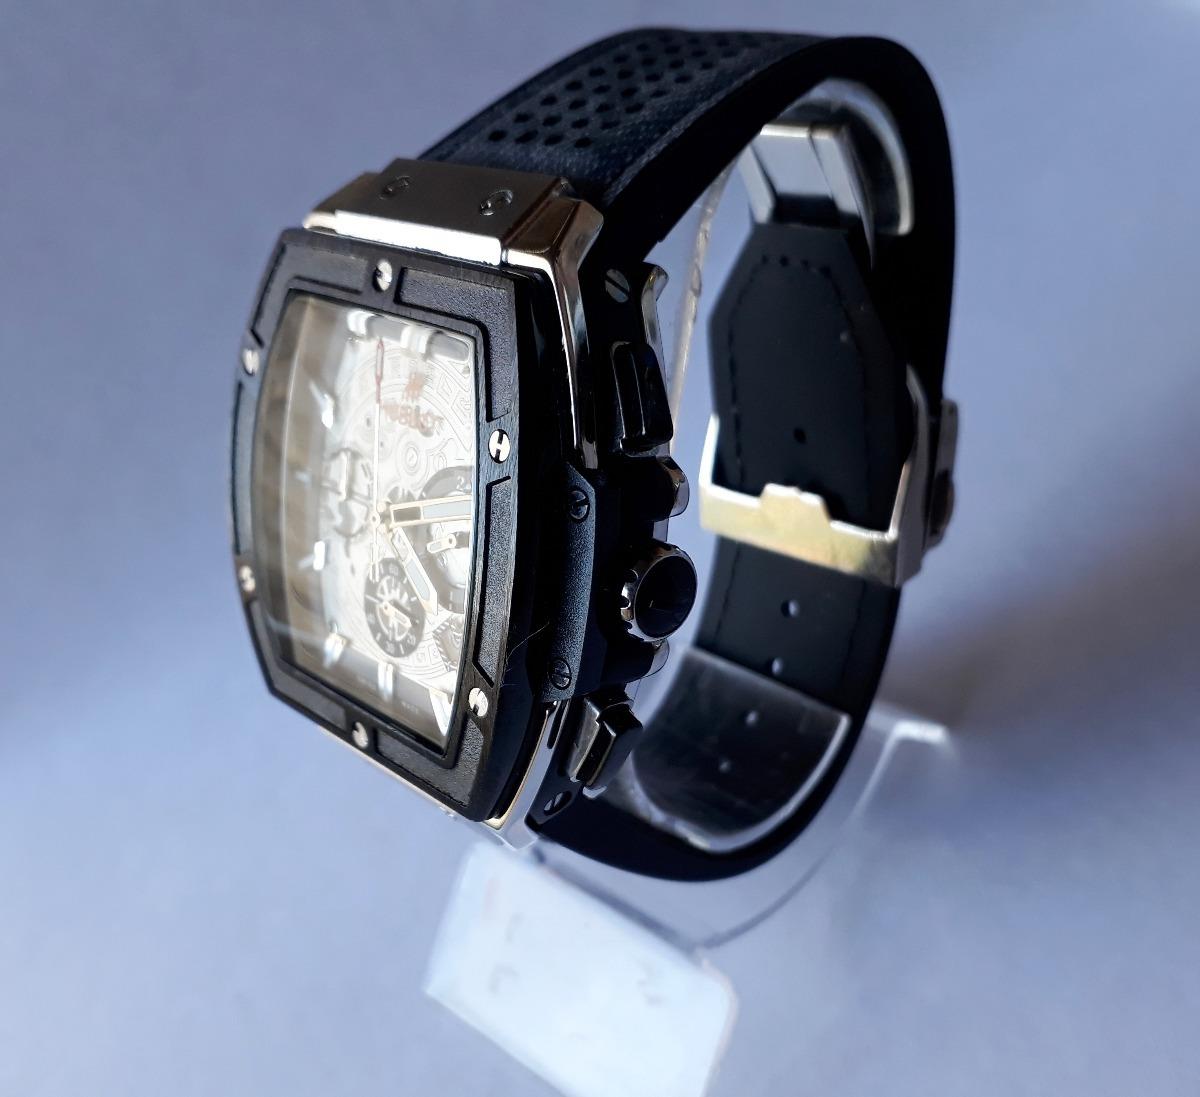 ac4d655e7eb Relógio Hublot Senna Champion 88 Edição Limitada - R  299